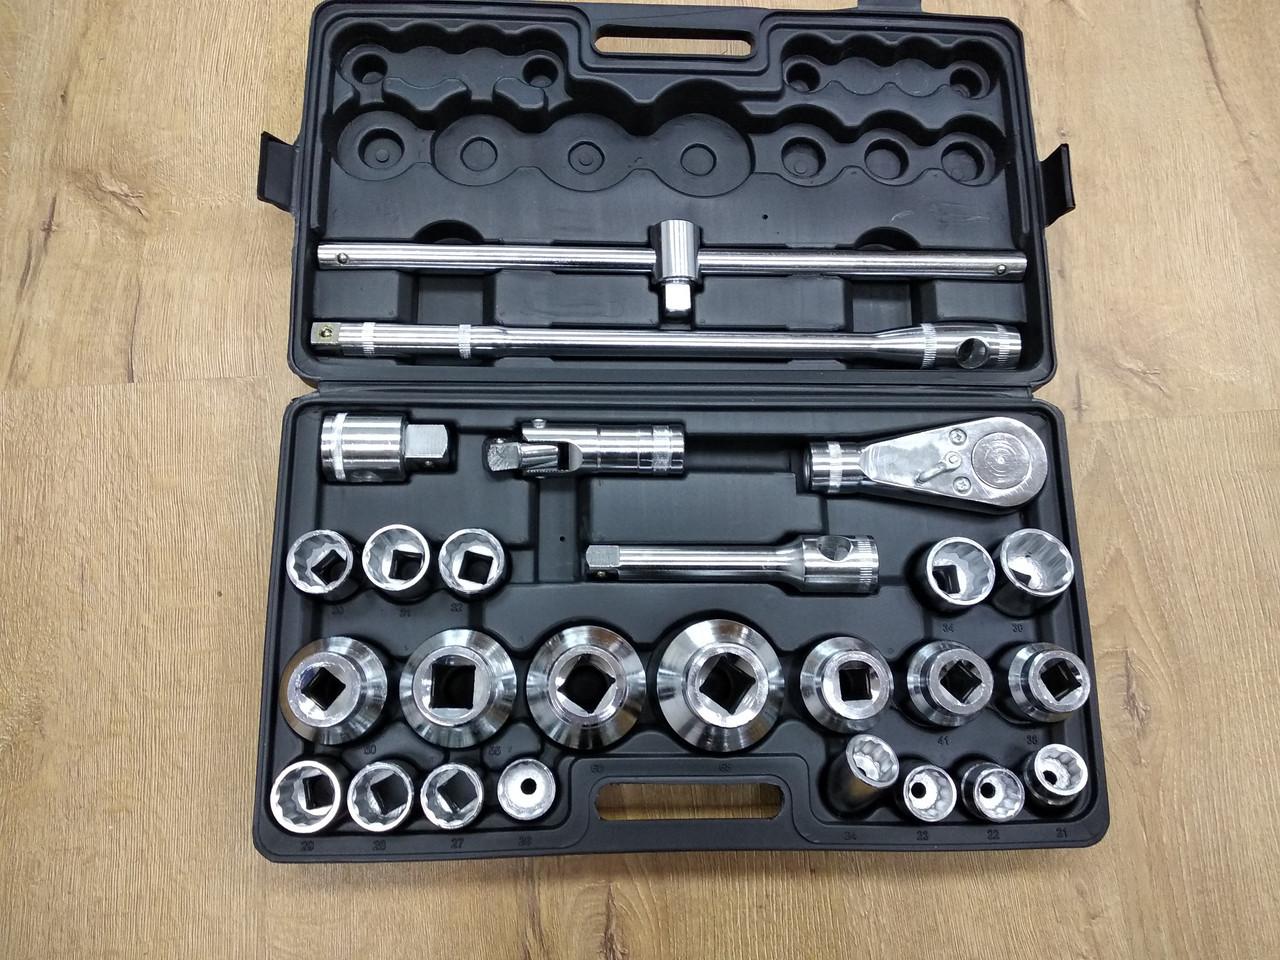 Набор торцевых ключей LEX 26 : Хром-ванадиевая сталь | 26 предметов